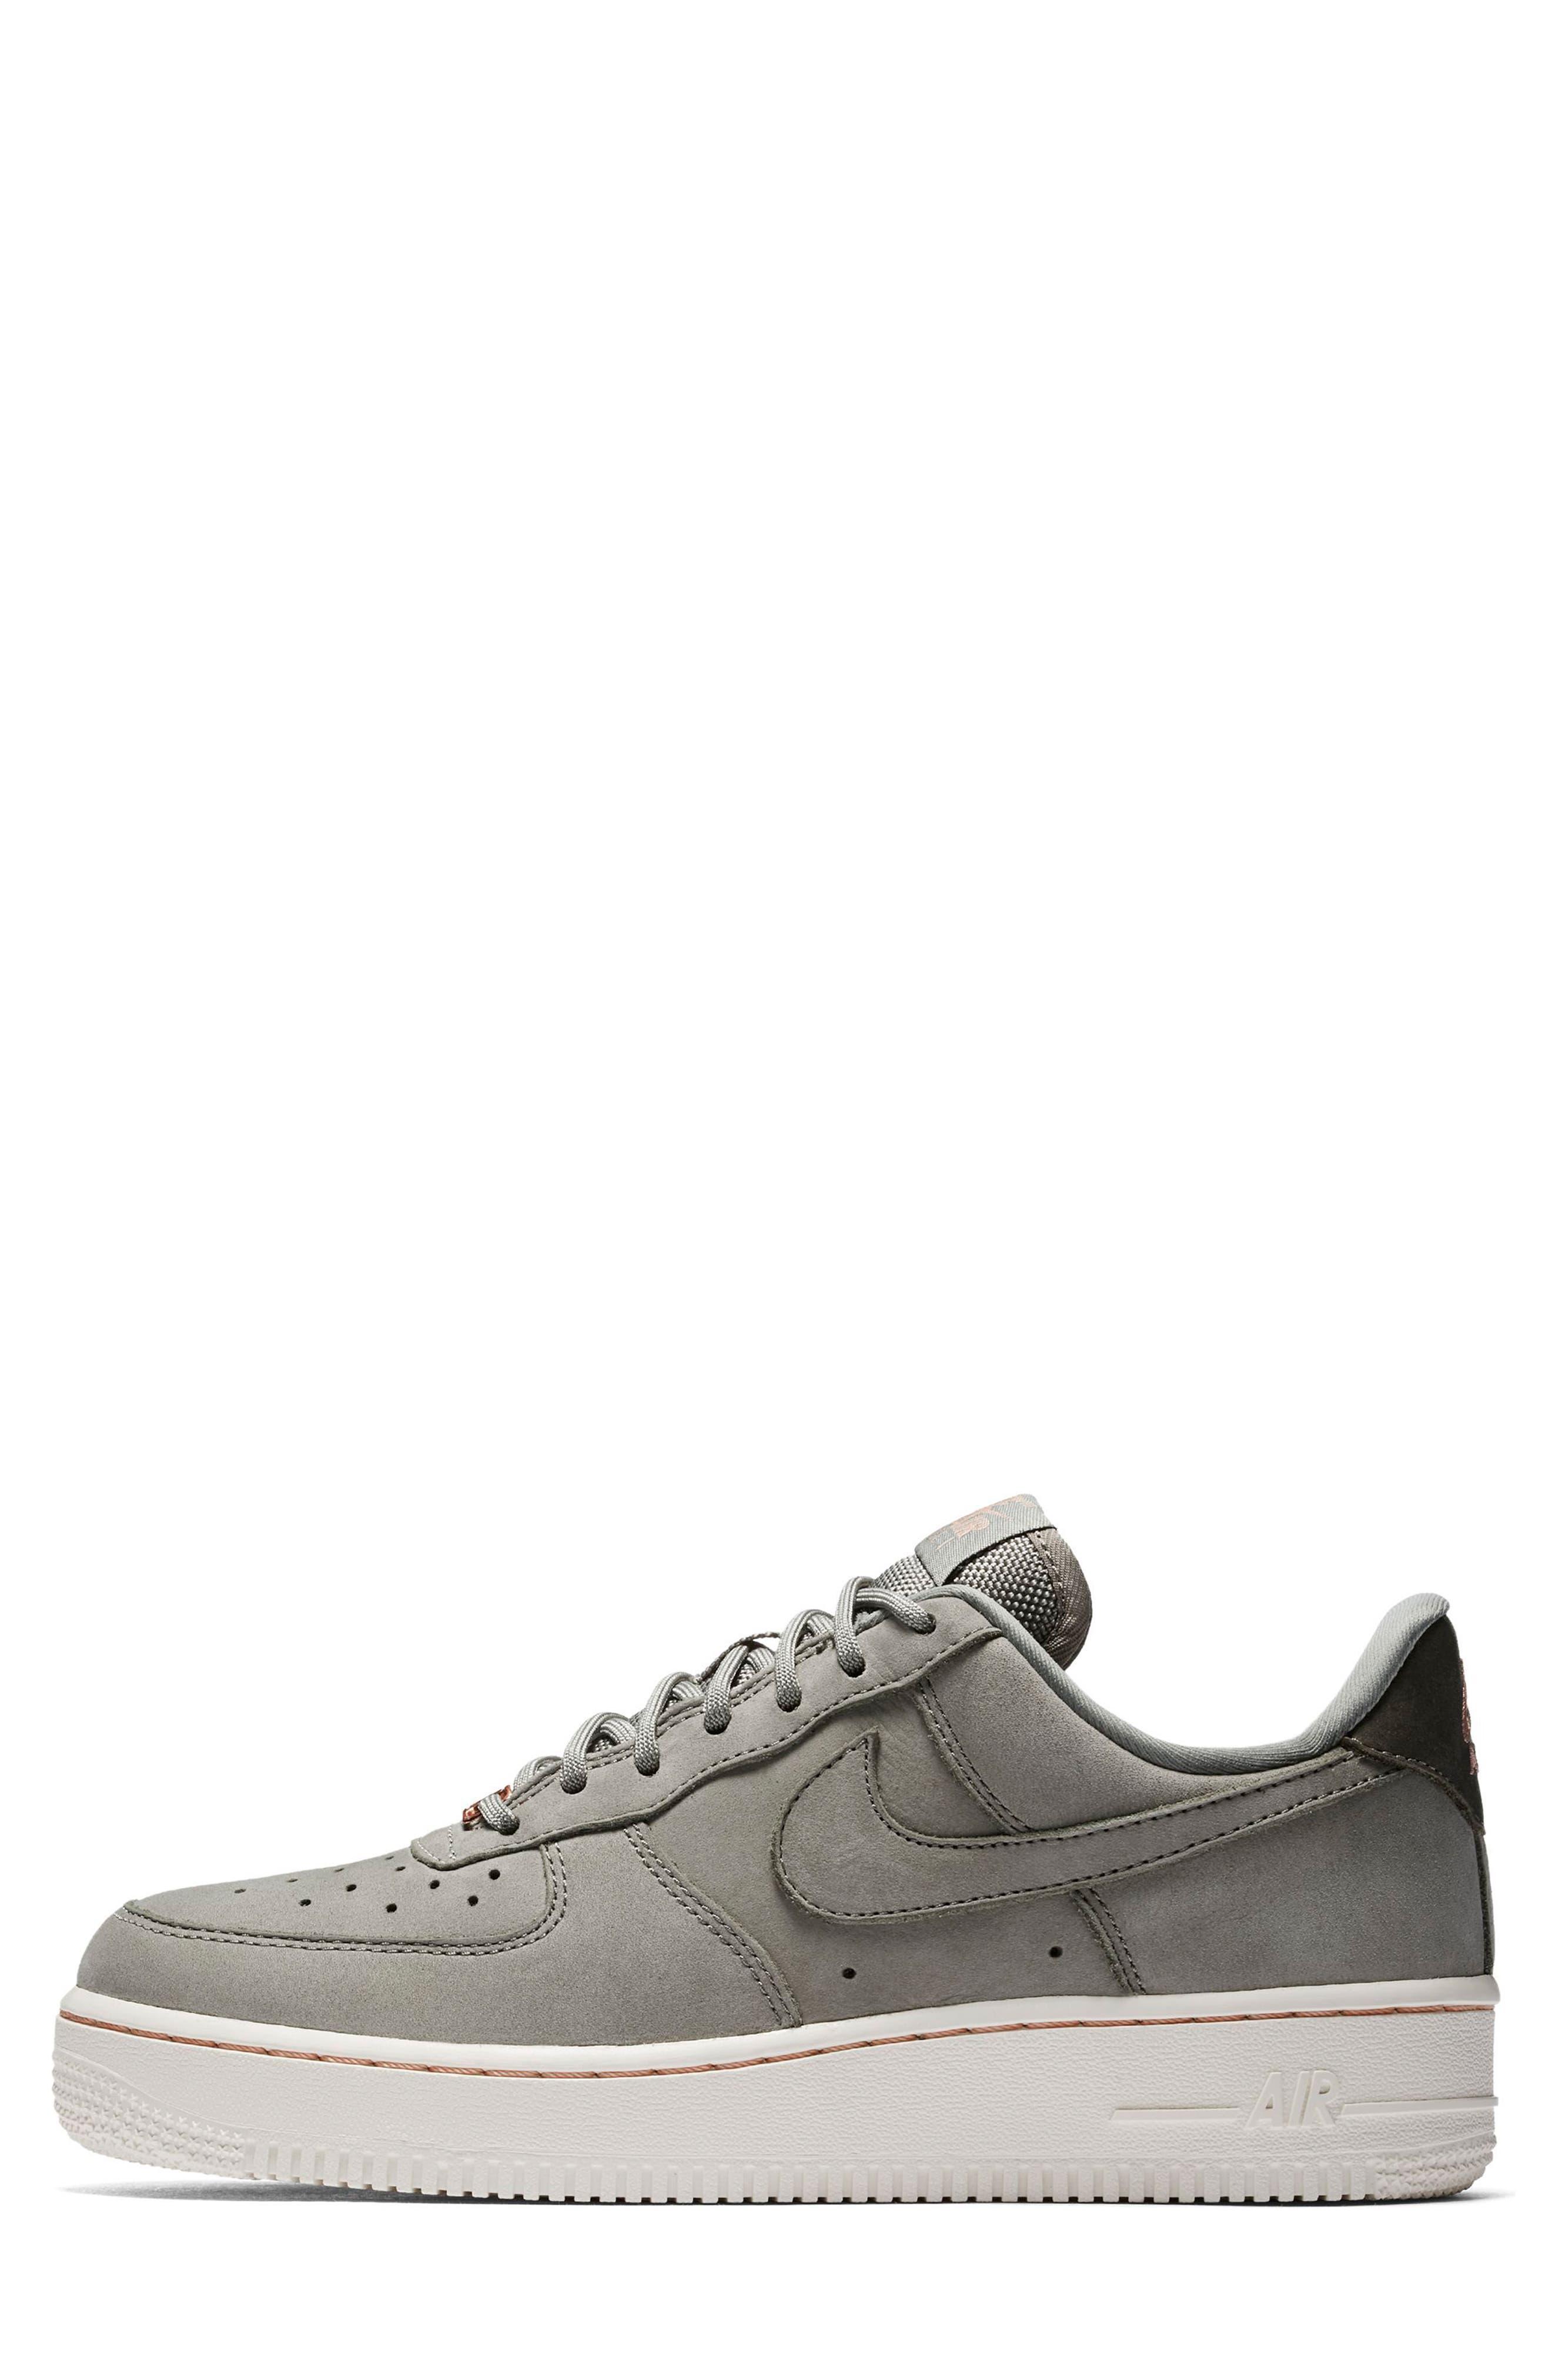 Alternate Image 3  - Nike Air Force 1 '07 Pinnacle Sneaker (Women)